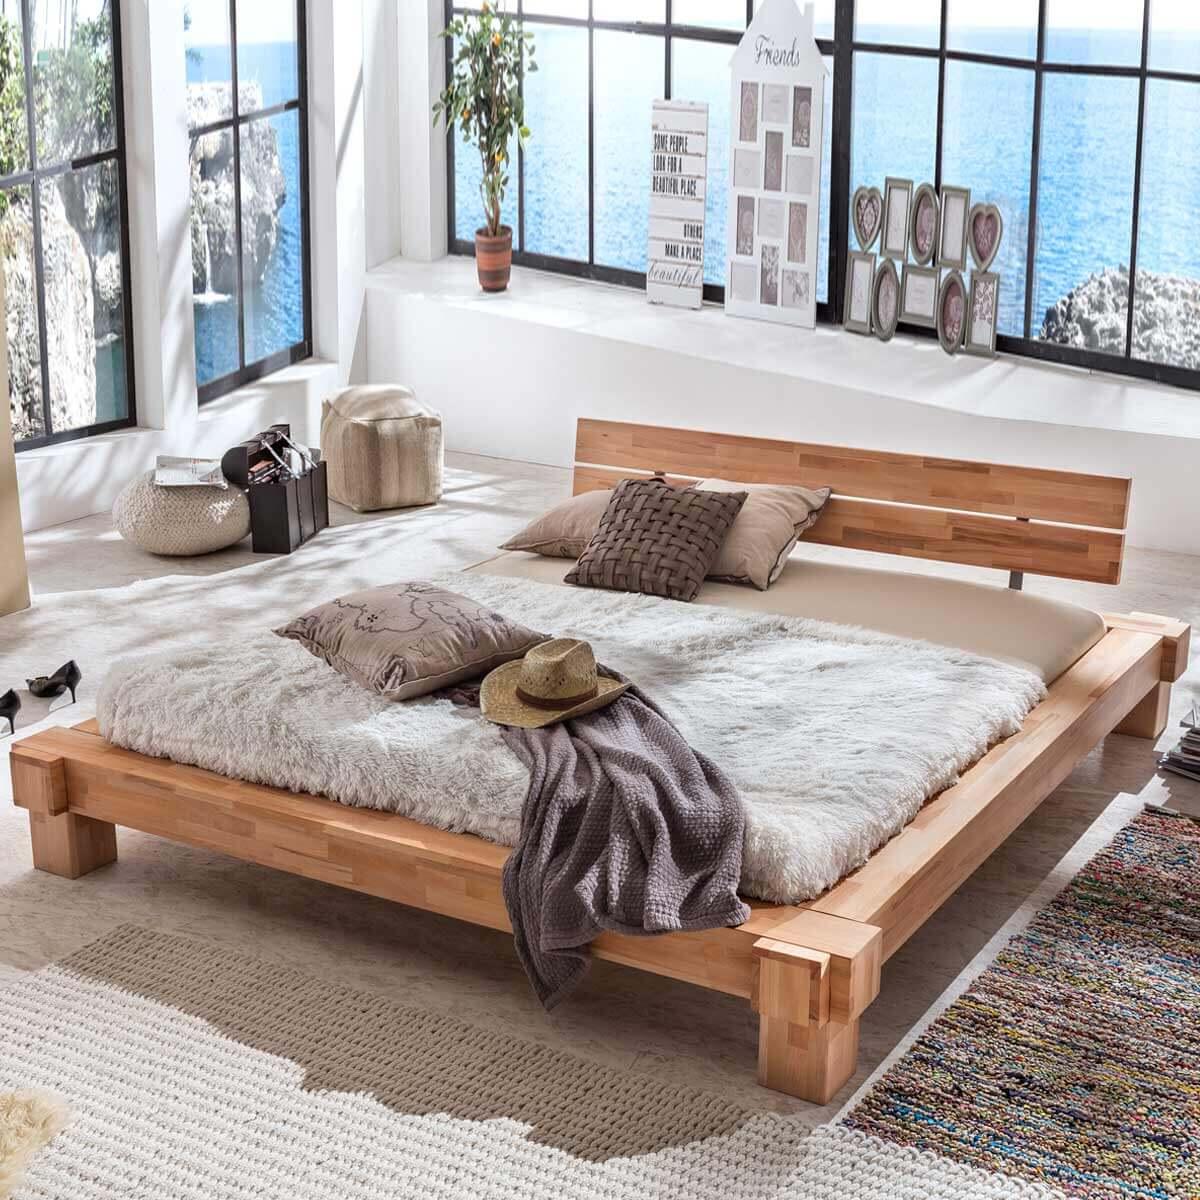 Full Size of Schlafzimmer Bett 200x200 Ebay Amazon Betten Billerbeck Für übergewichtige Kaufen 140x200 160x200 Hülsta 90x200 Bei Ikea 180x200 Günstige Amerikanische Mit Bett Betten 200x200